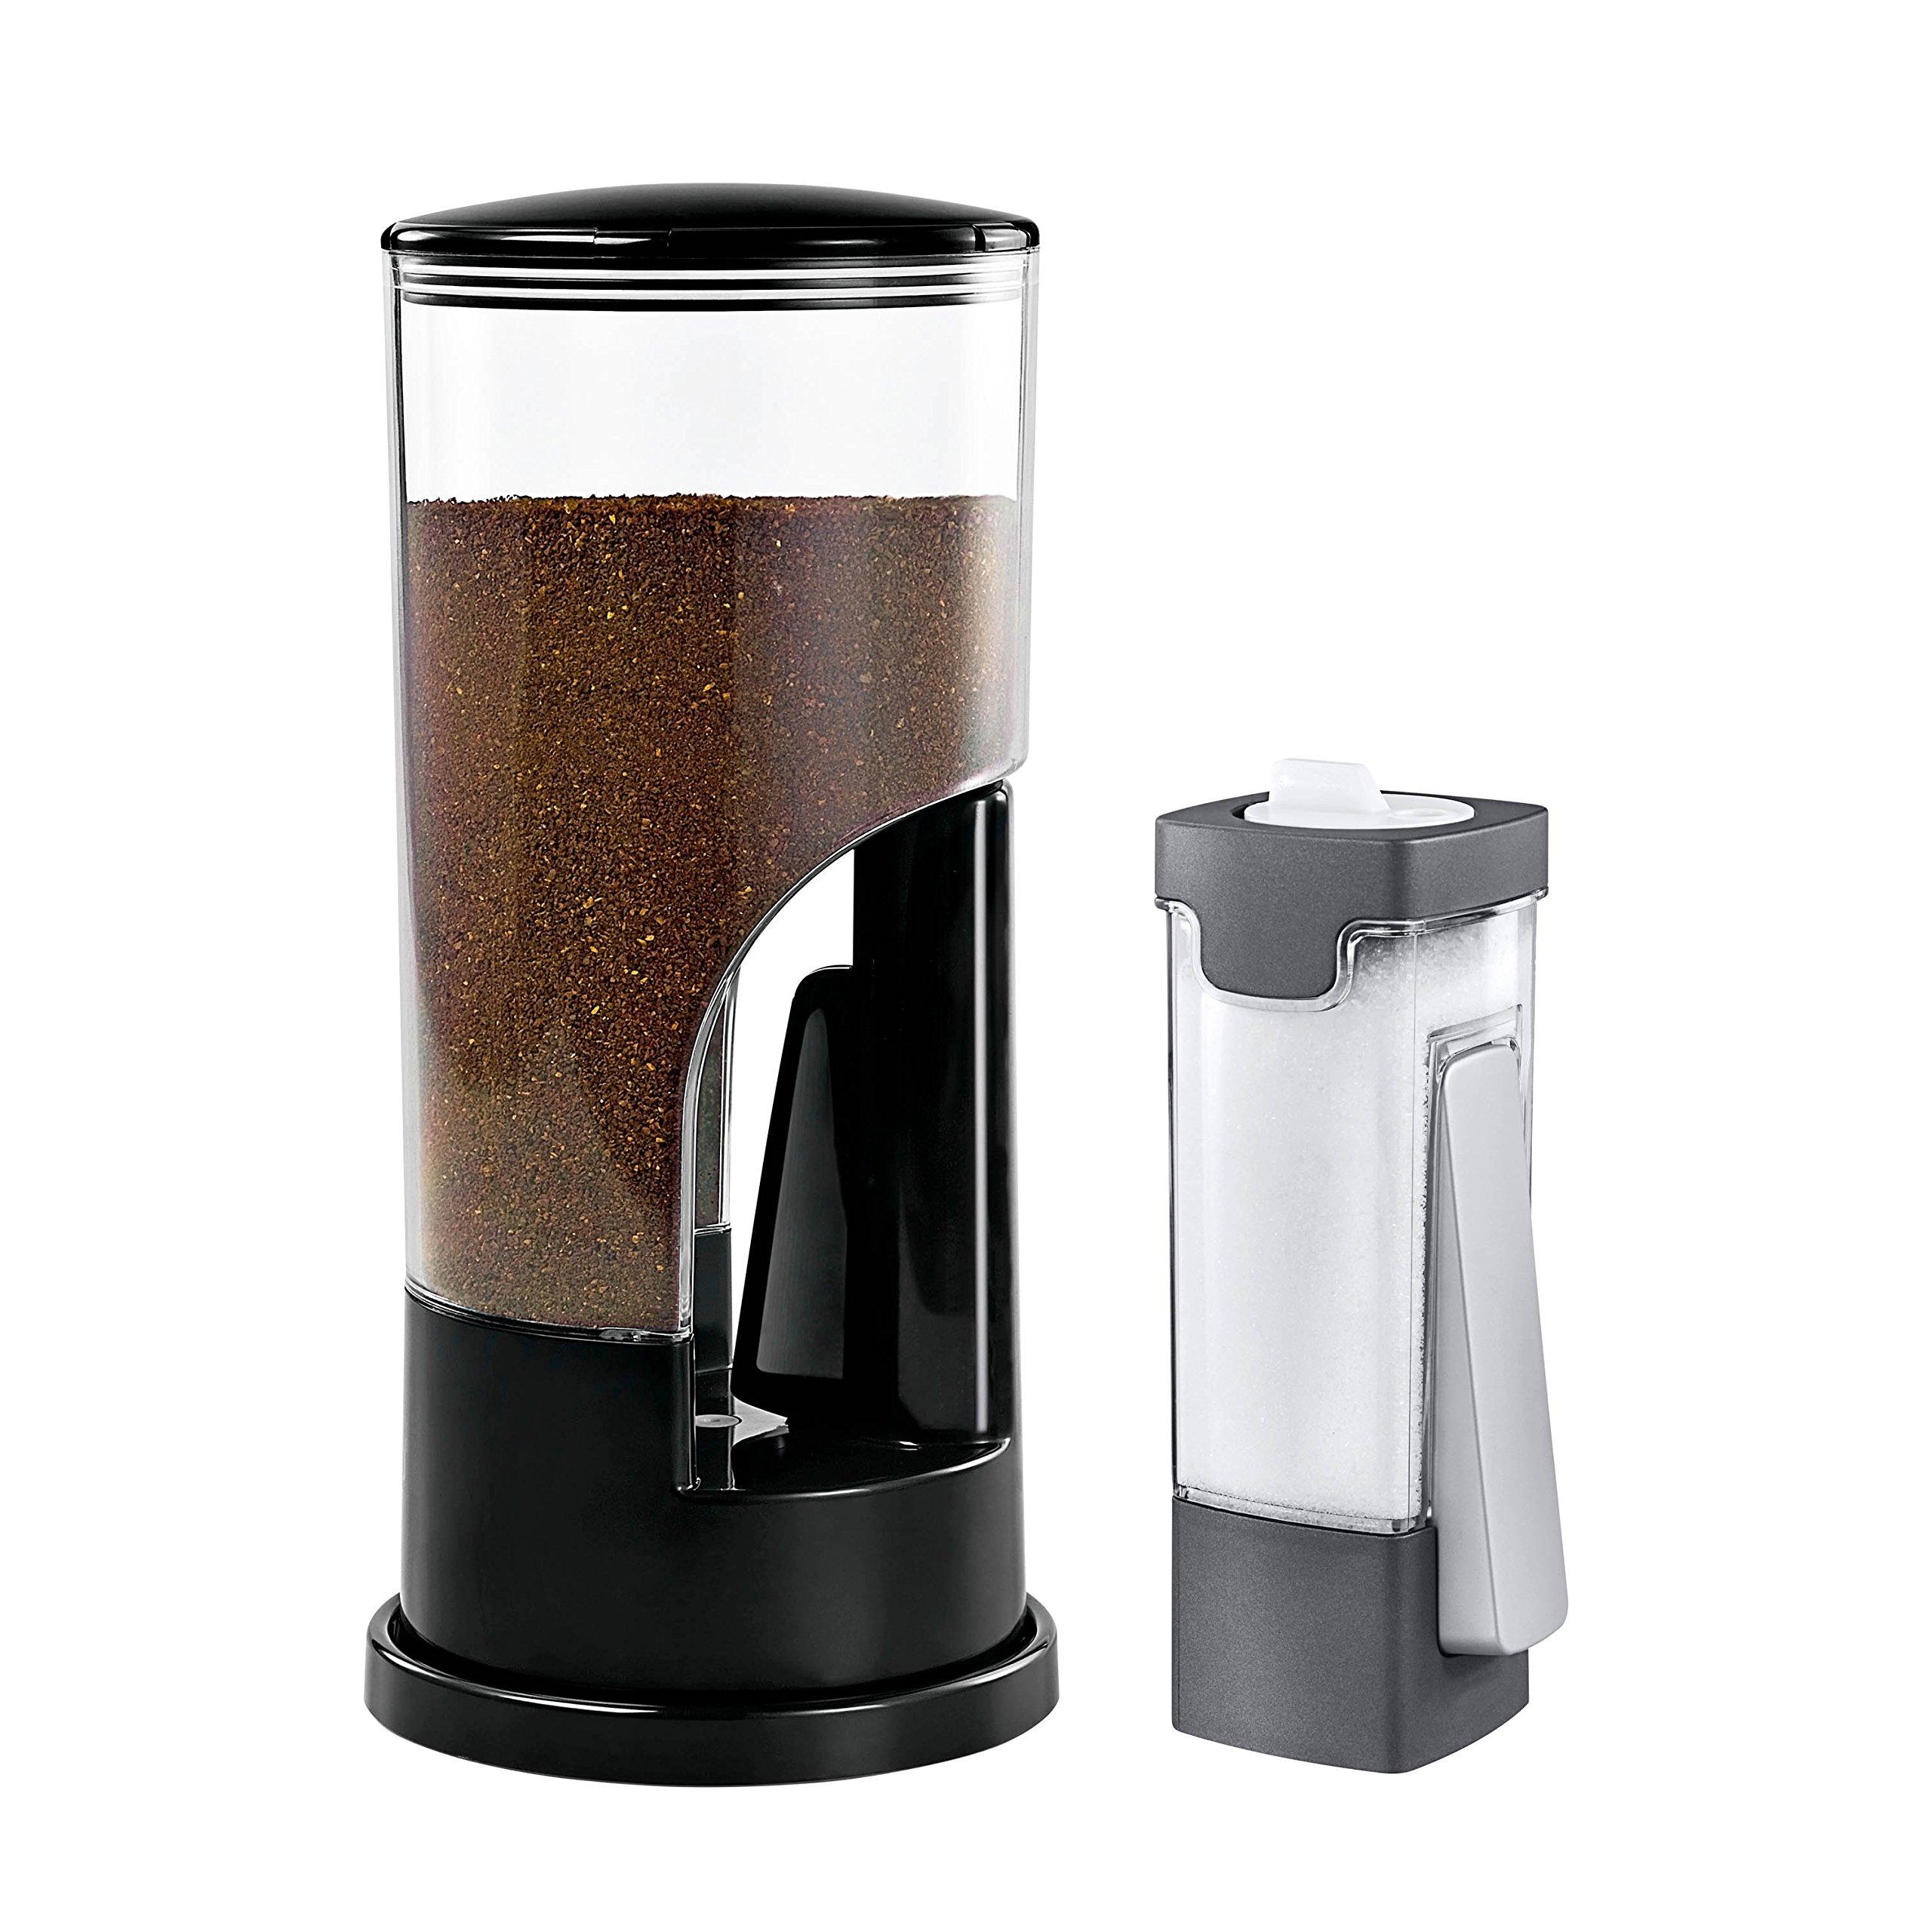 Honey-Can-Do KCHX06080 Coffee Dispenser & Sugar Dispenser Set